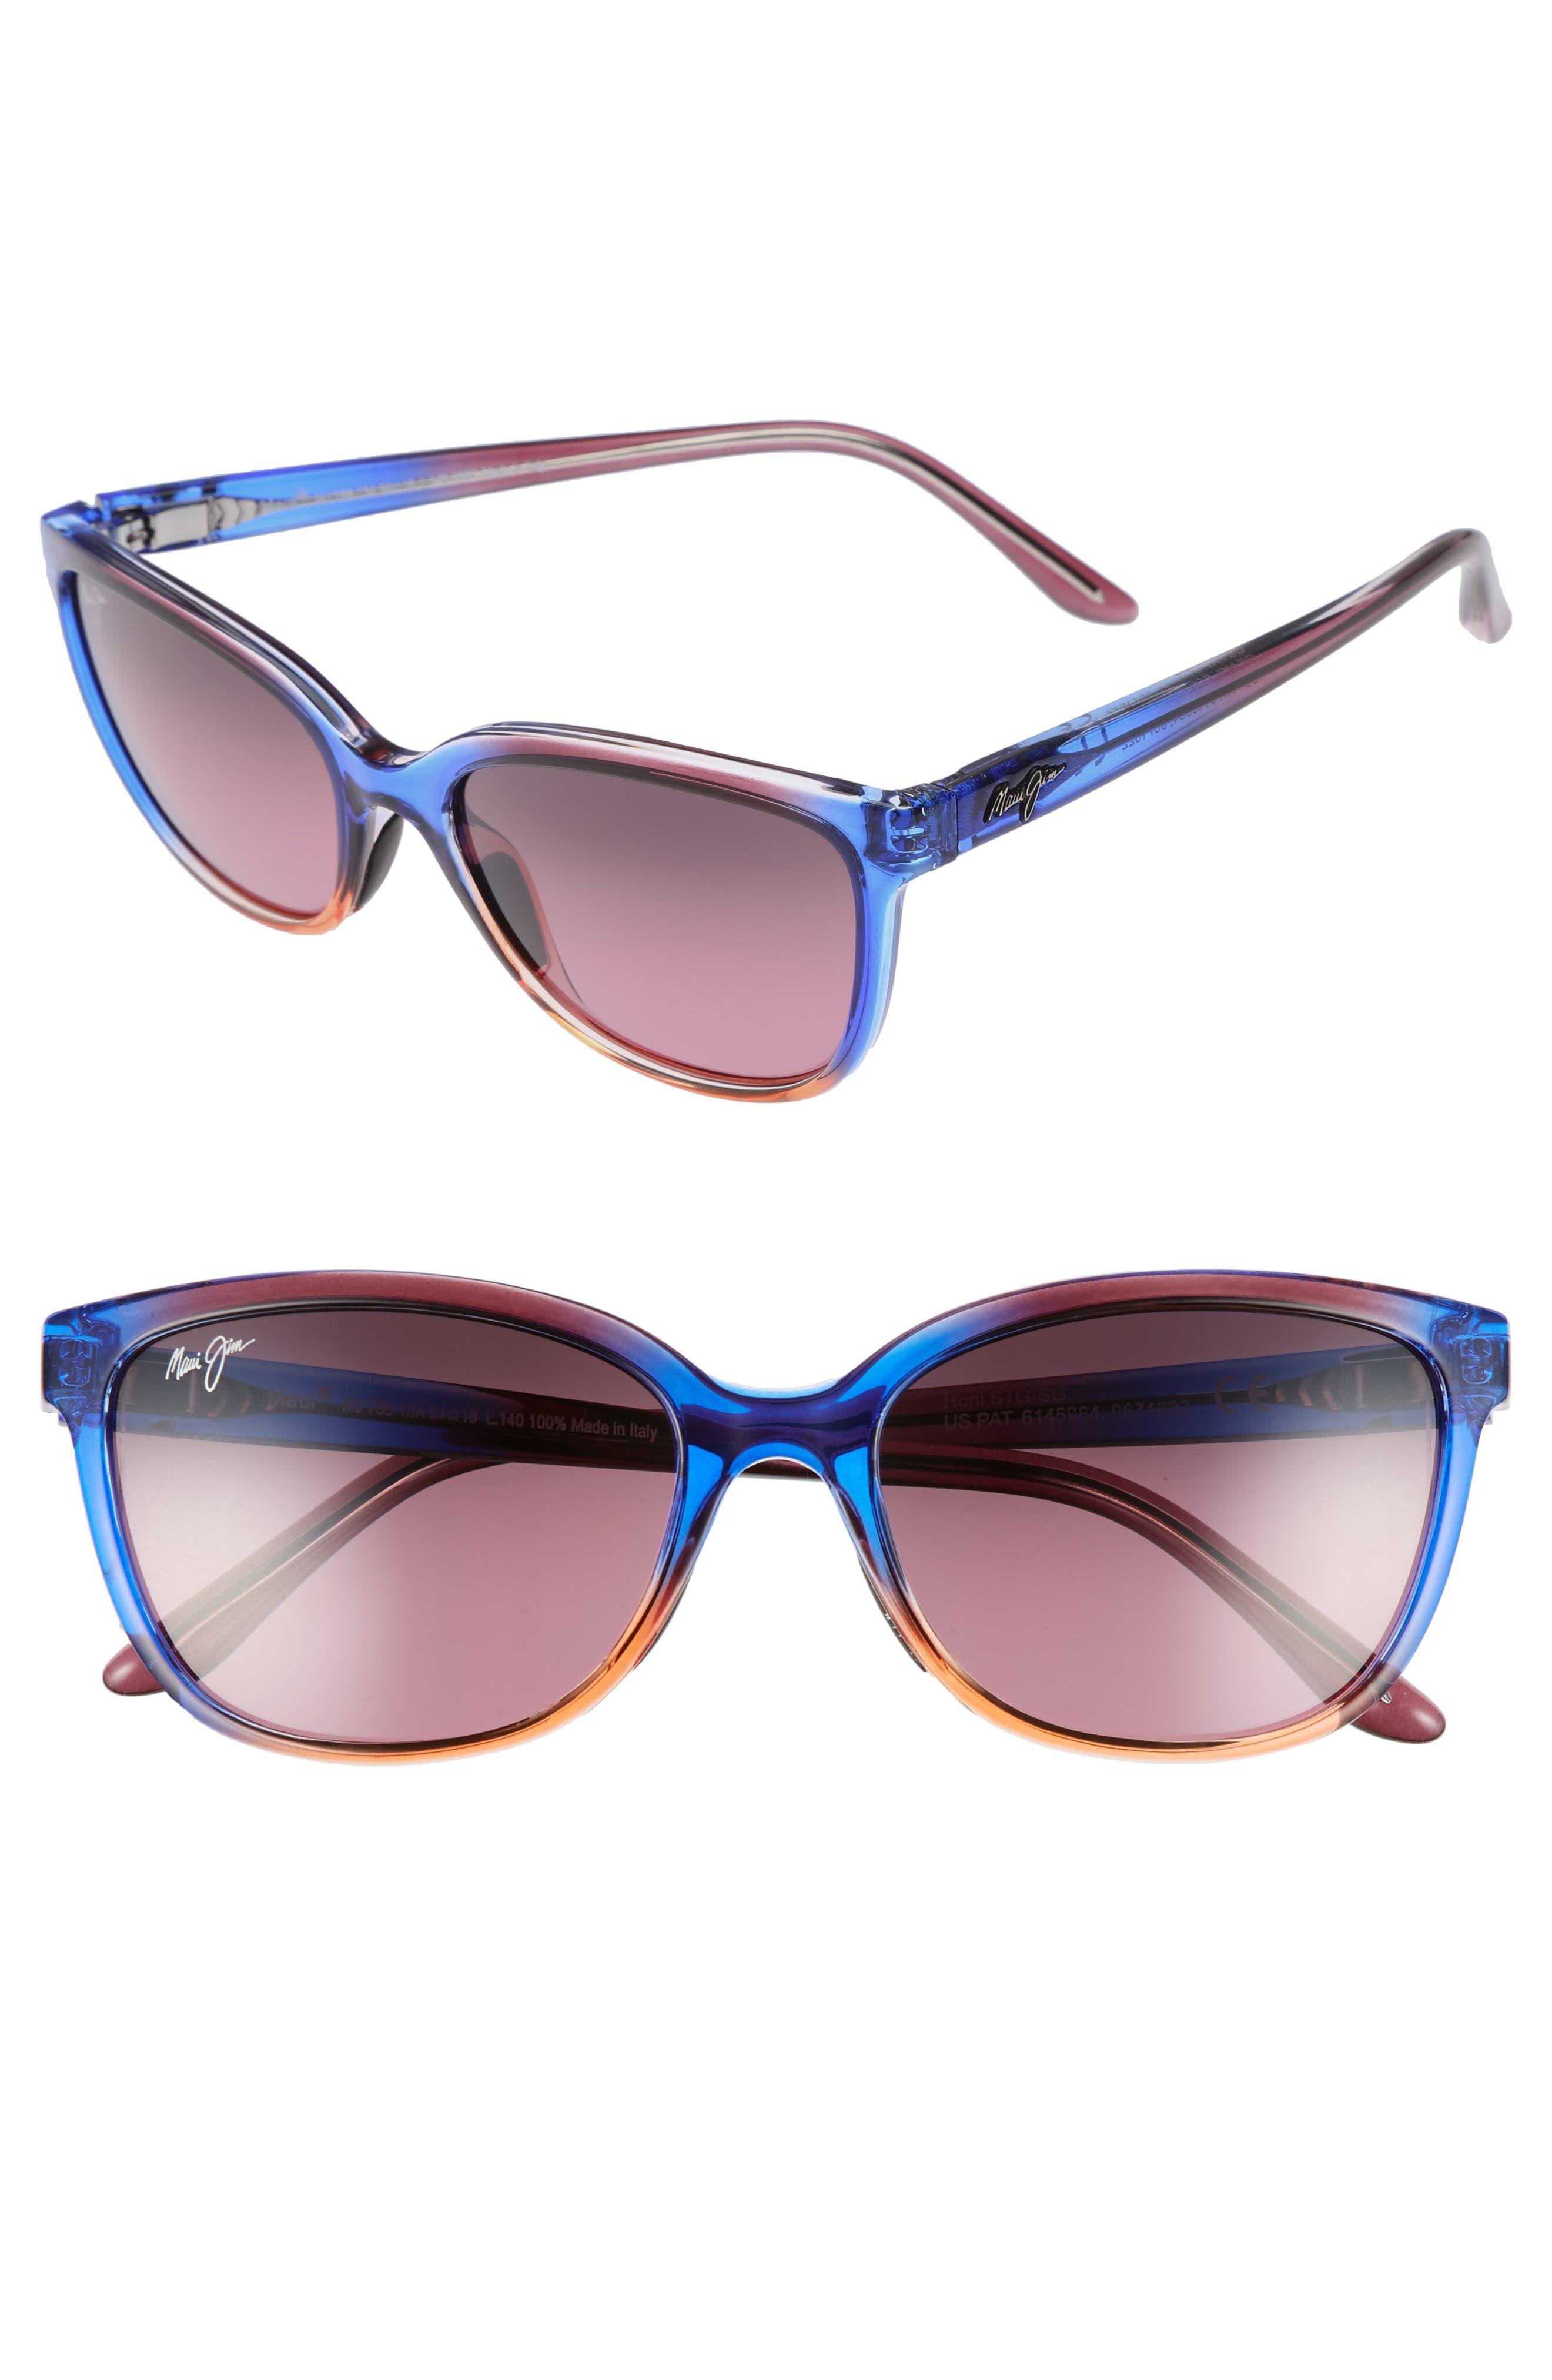 Honi 54mm Polarized Cat Eye Sunglasses,                             Main thumbnail 1, color,                             Sunset/ Maui Rose